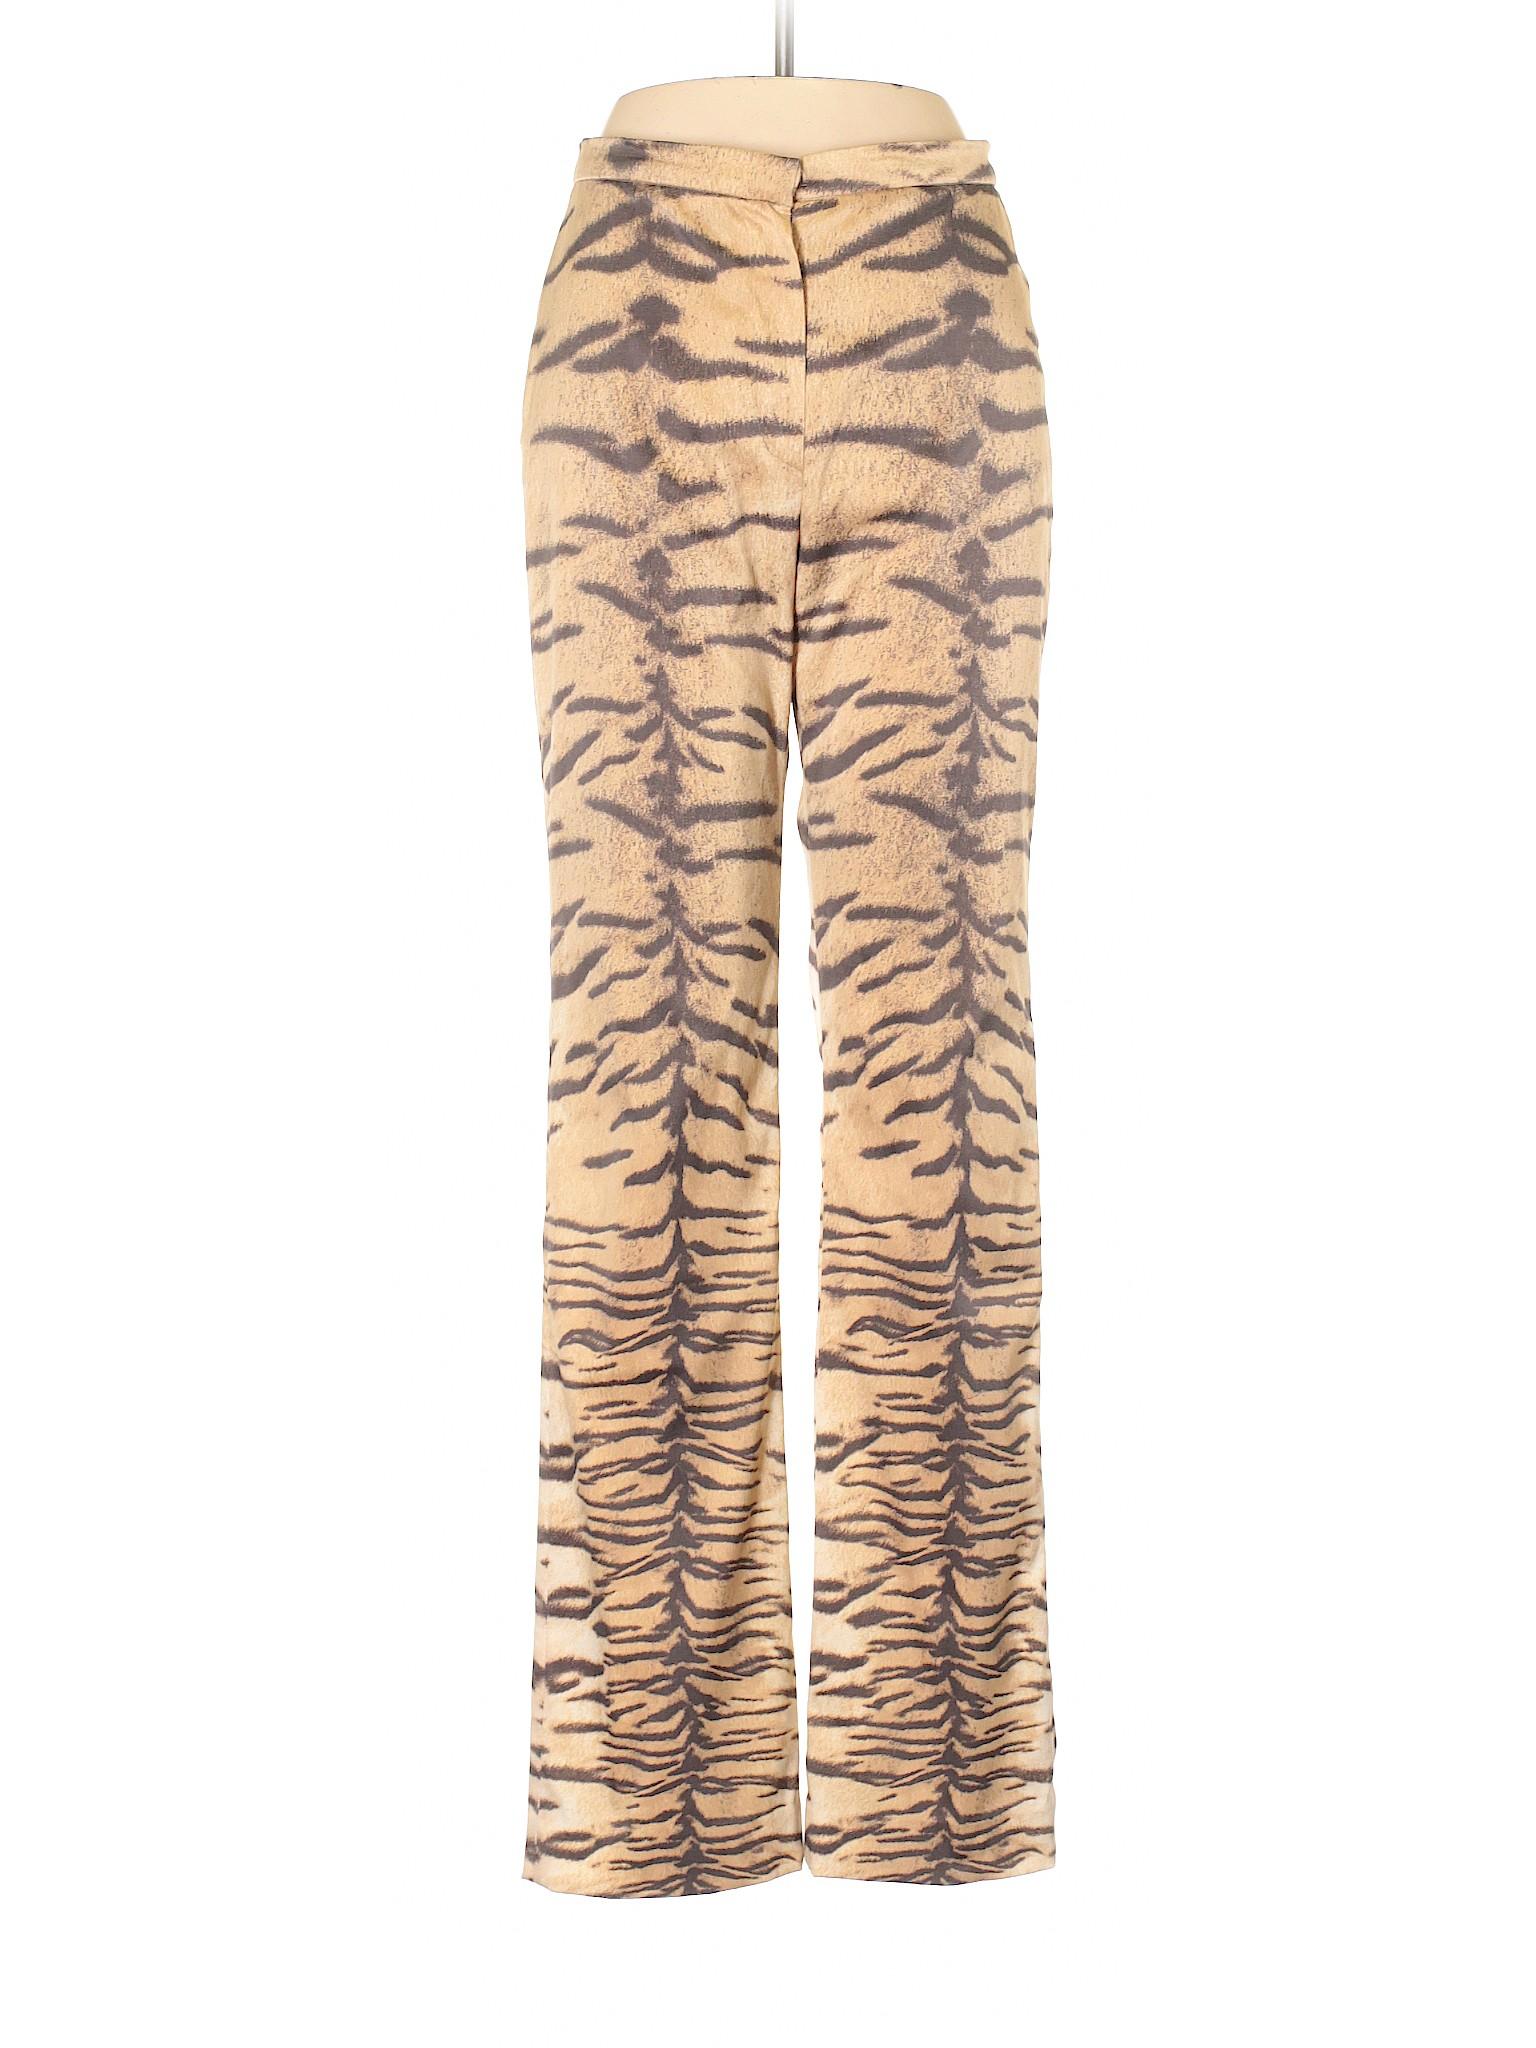 Casual Cavalli Pants leisure Roberto Boutique qt7S1S